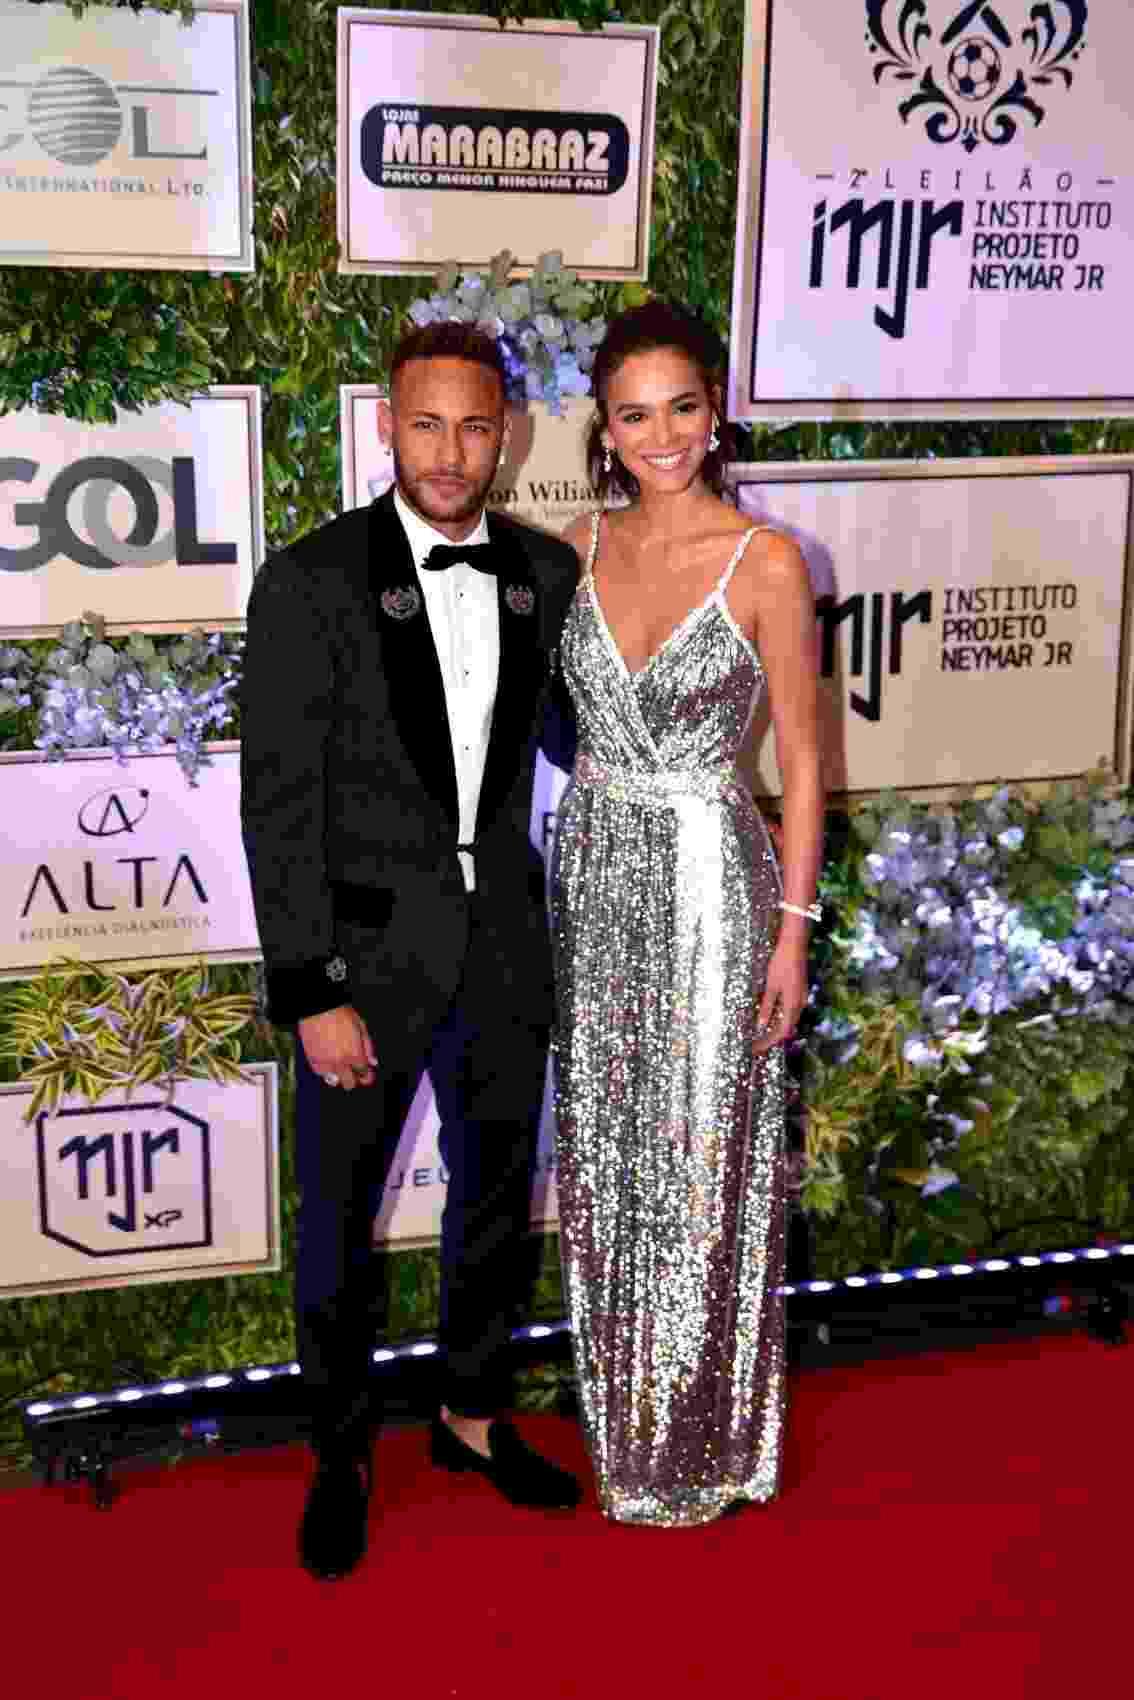 Bruna Marquezine e Neymar chegam juntos ao evento promovito pelo Instituto Neymar Jr. - Thiago Duran e Leo Franco/AgNews